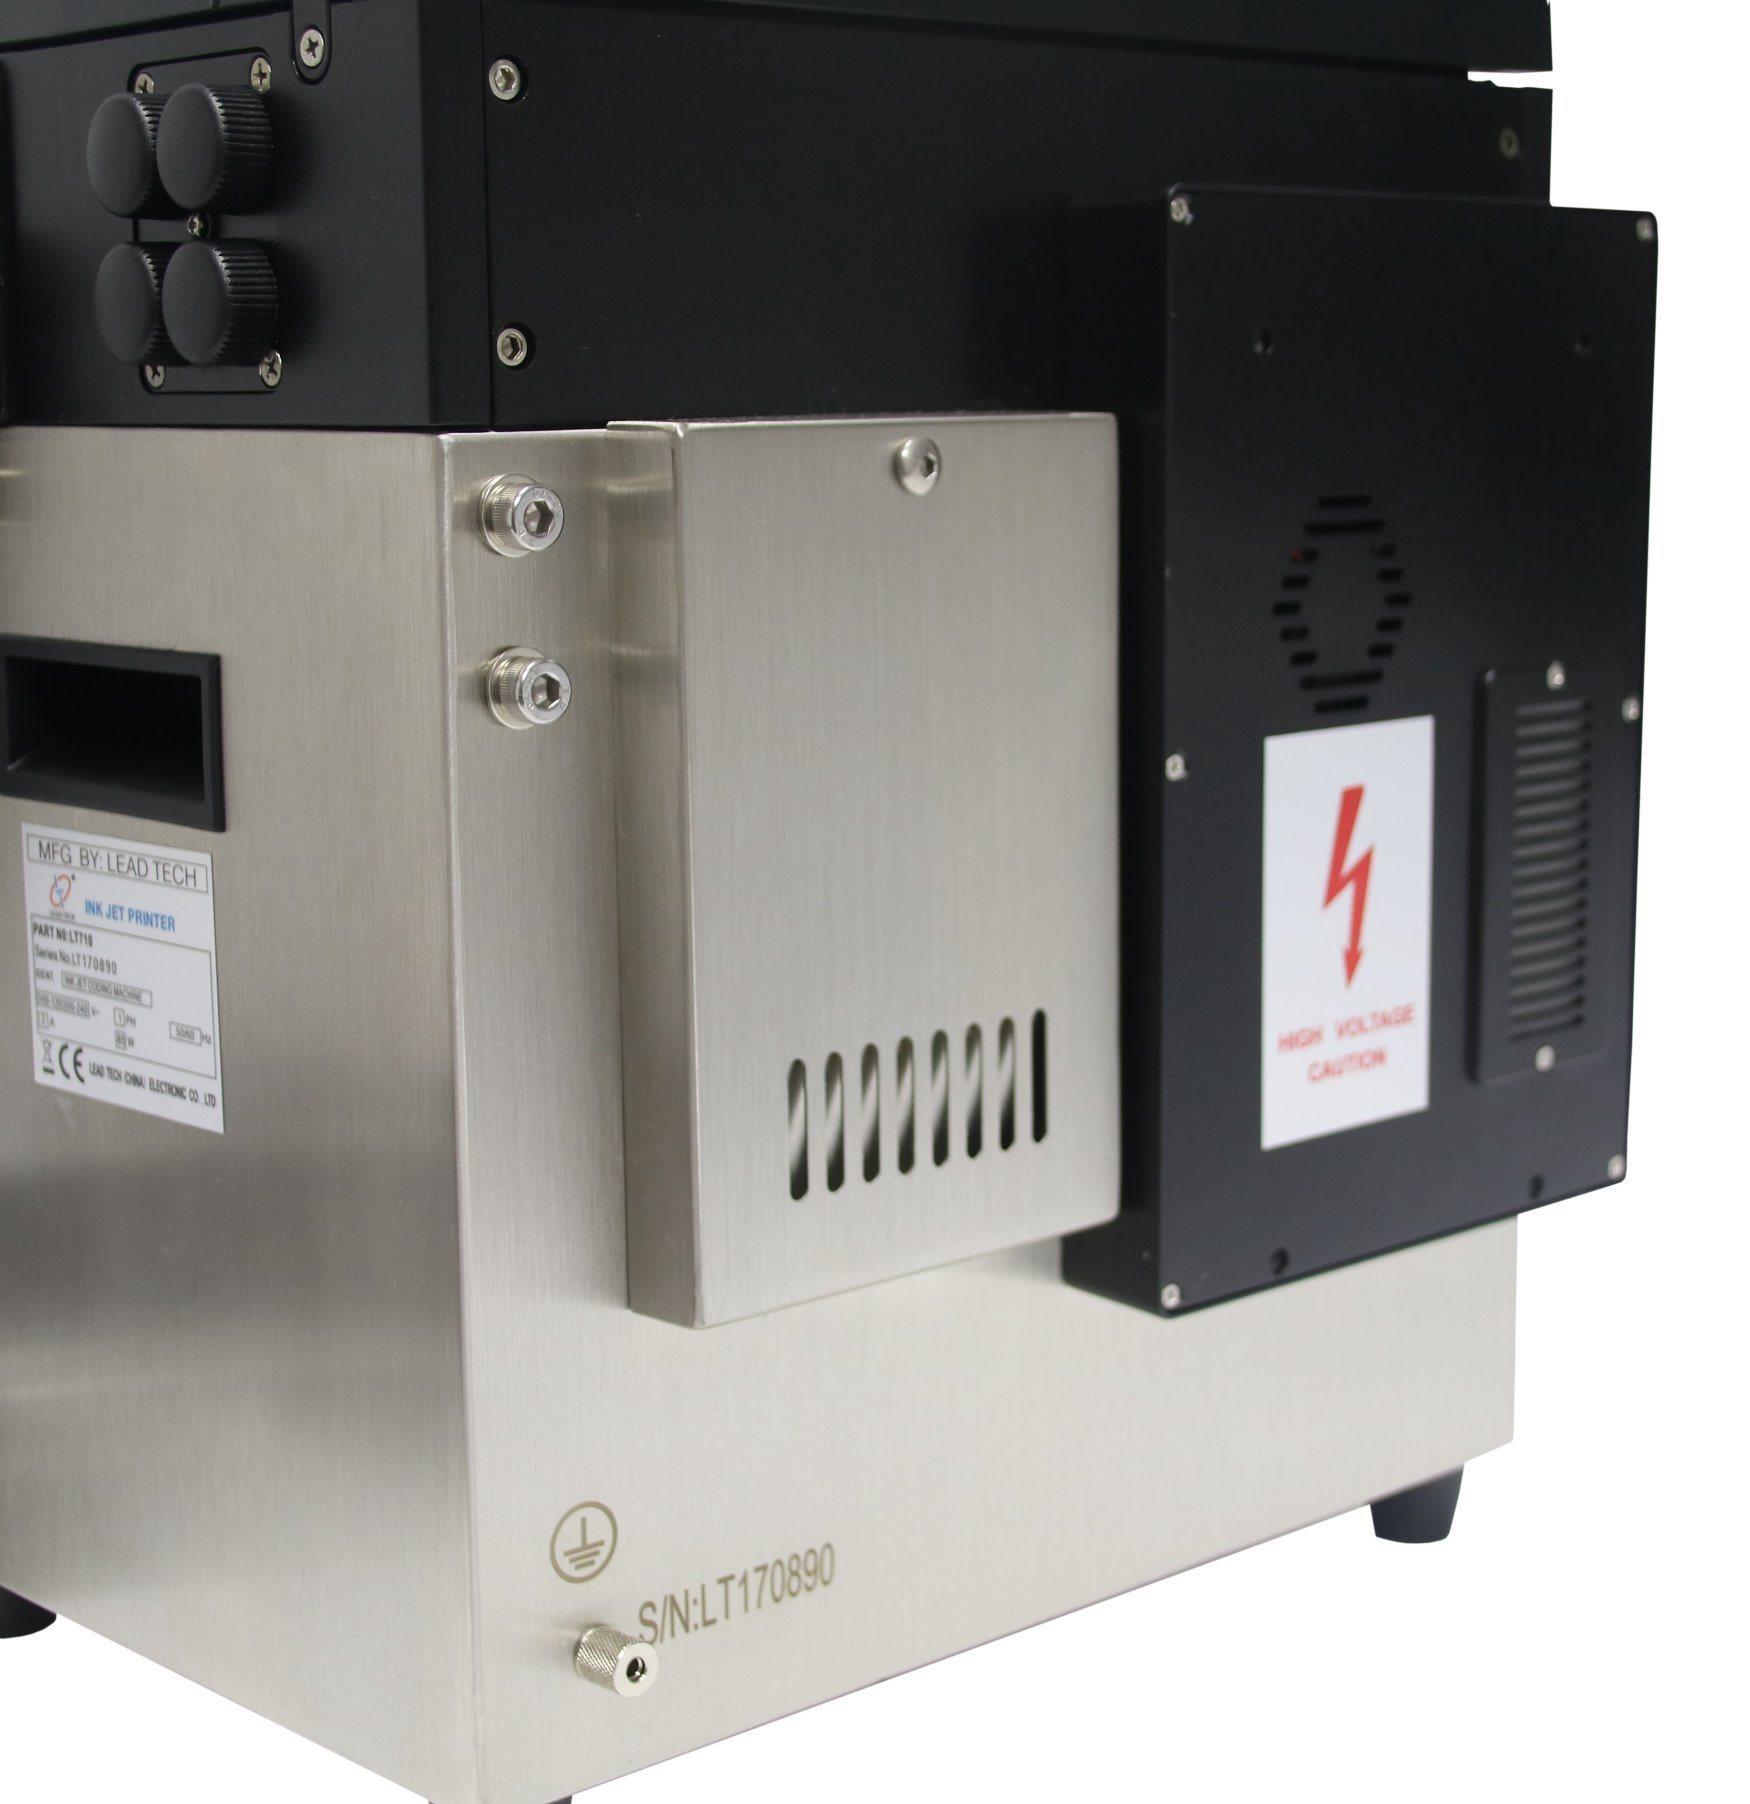 Lead Tech Lt760 Cij Laser Marking Machine Coding Machine Cij Inkjet Printer Printing Machine